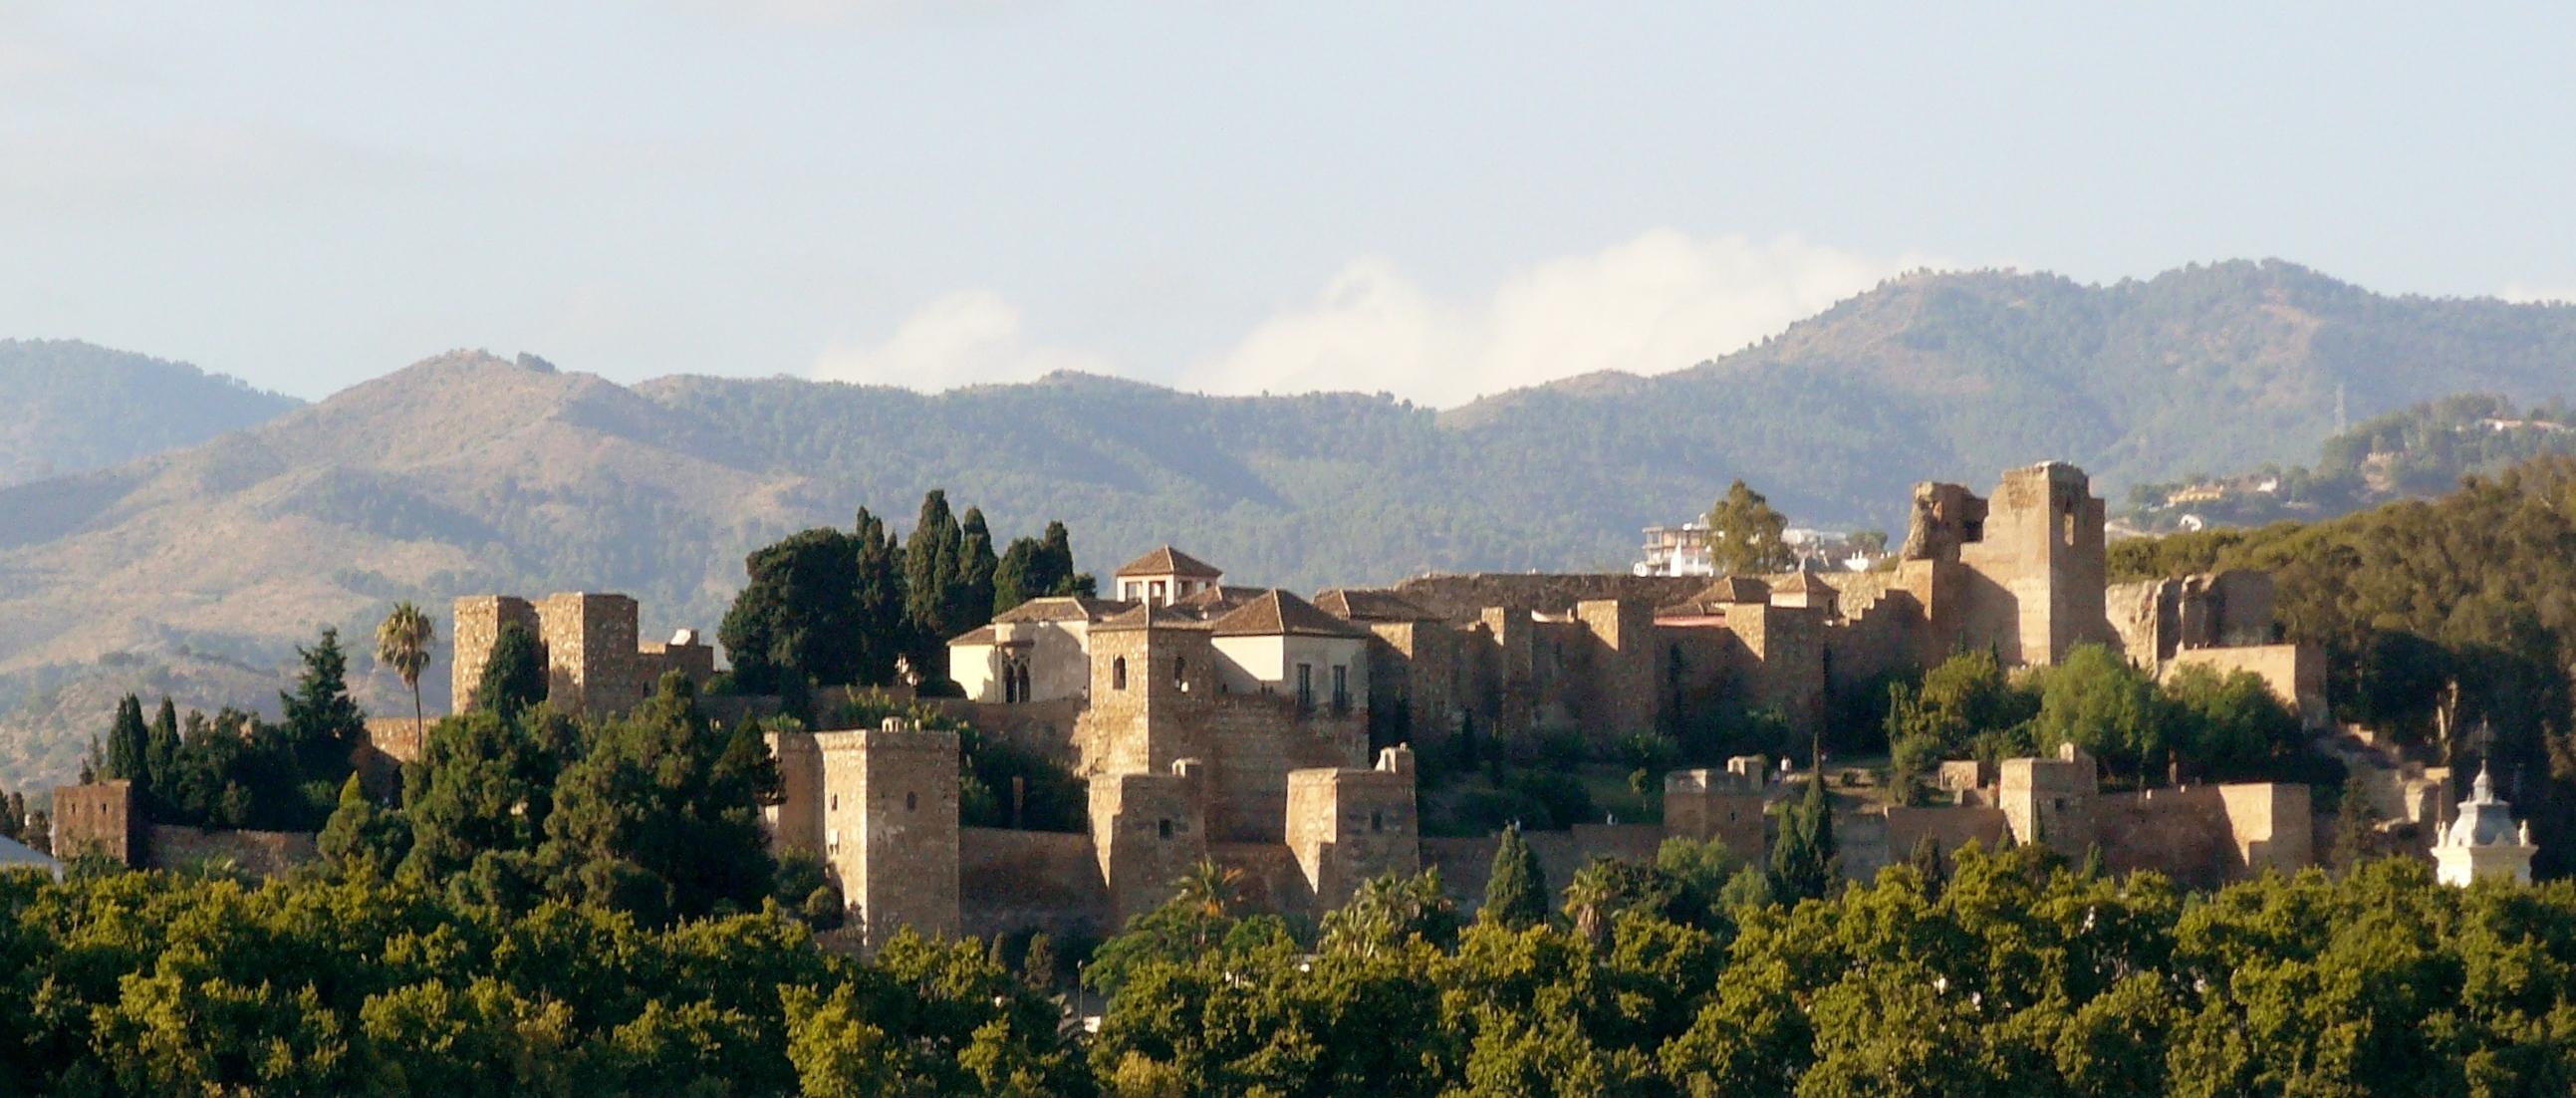 Alcazaba de Málaga - Wikipedia, la enciclopedia libre